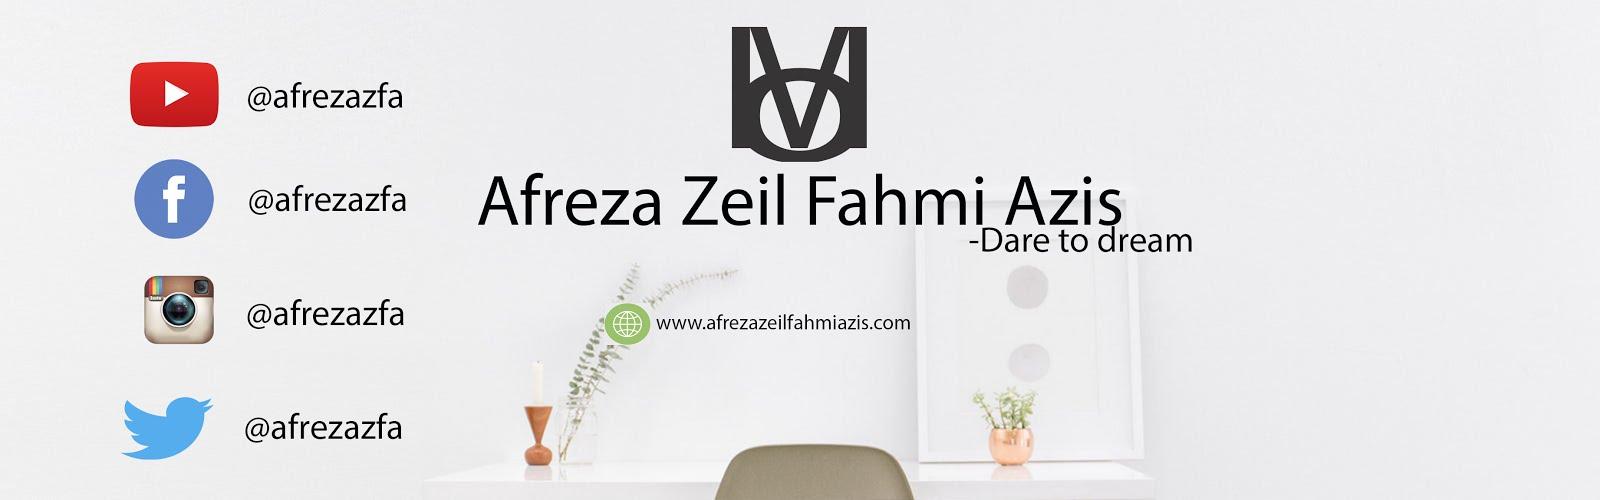 Afreza Zeil Fahmi Azis